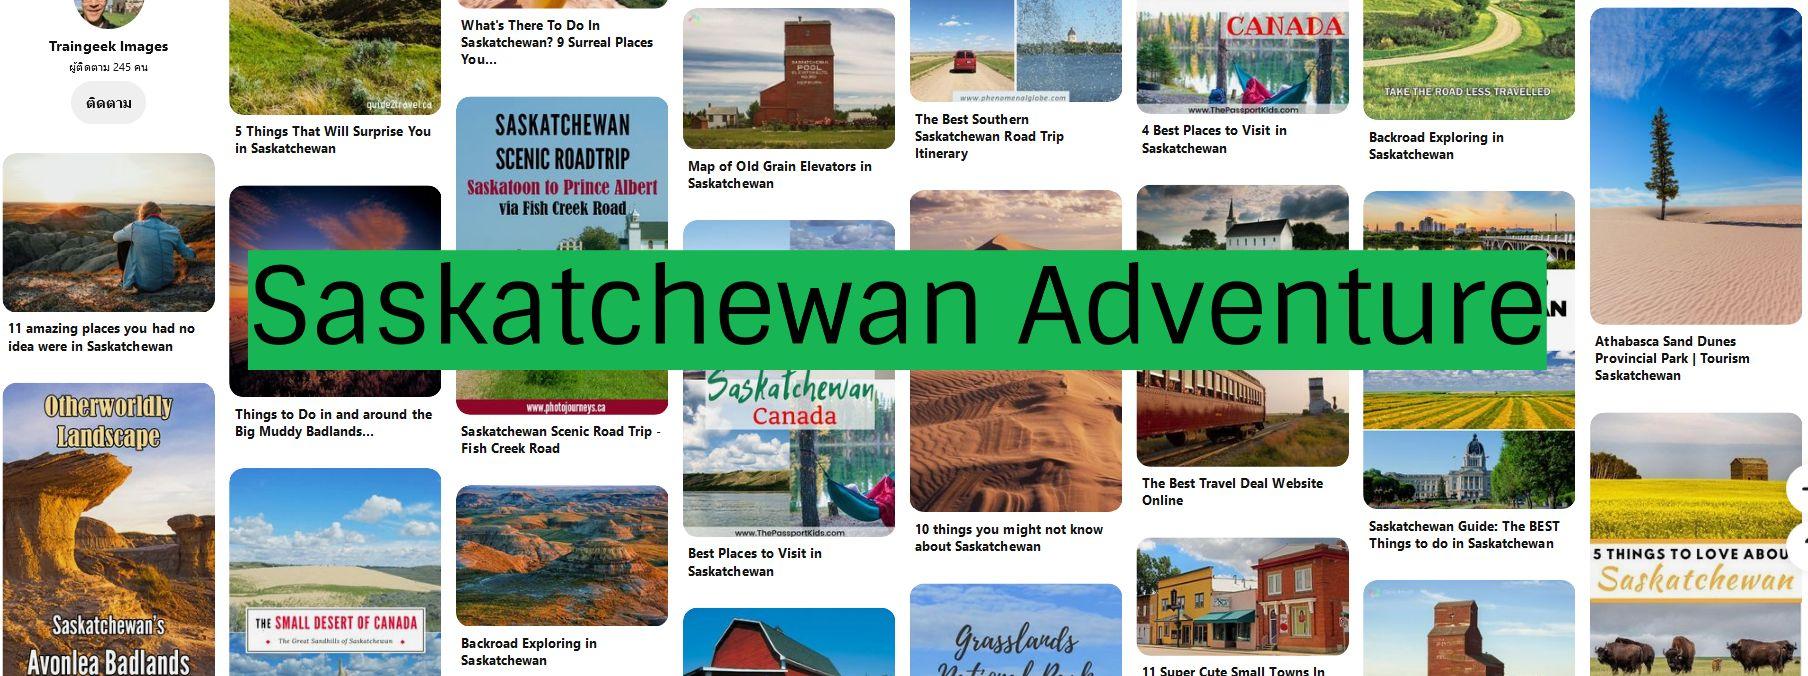 Saskatchewan Adventure